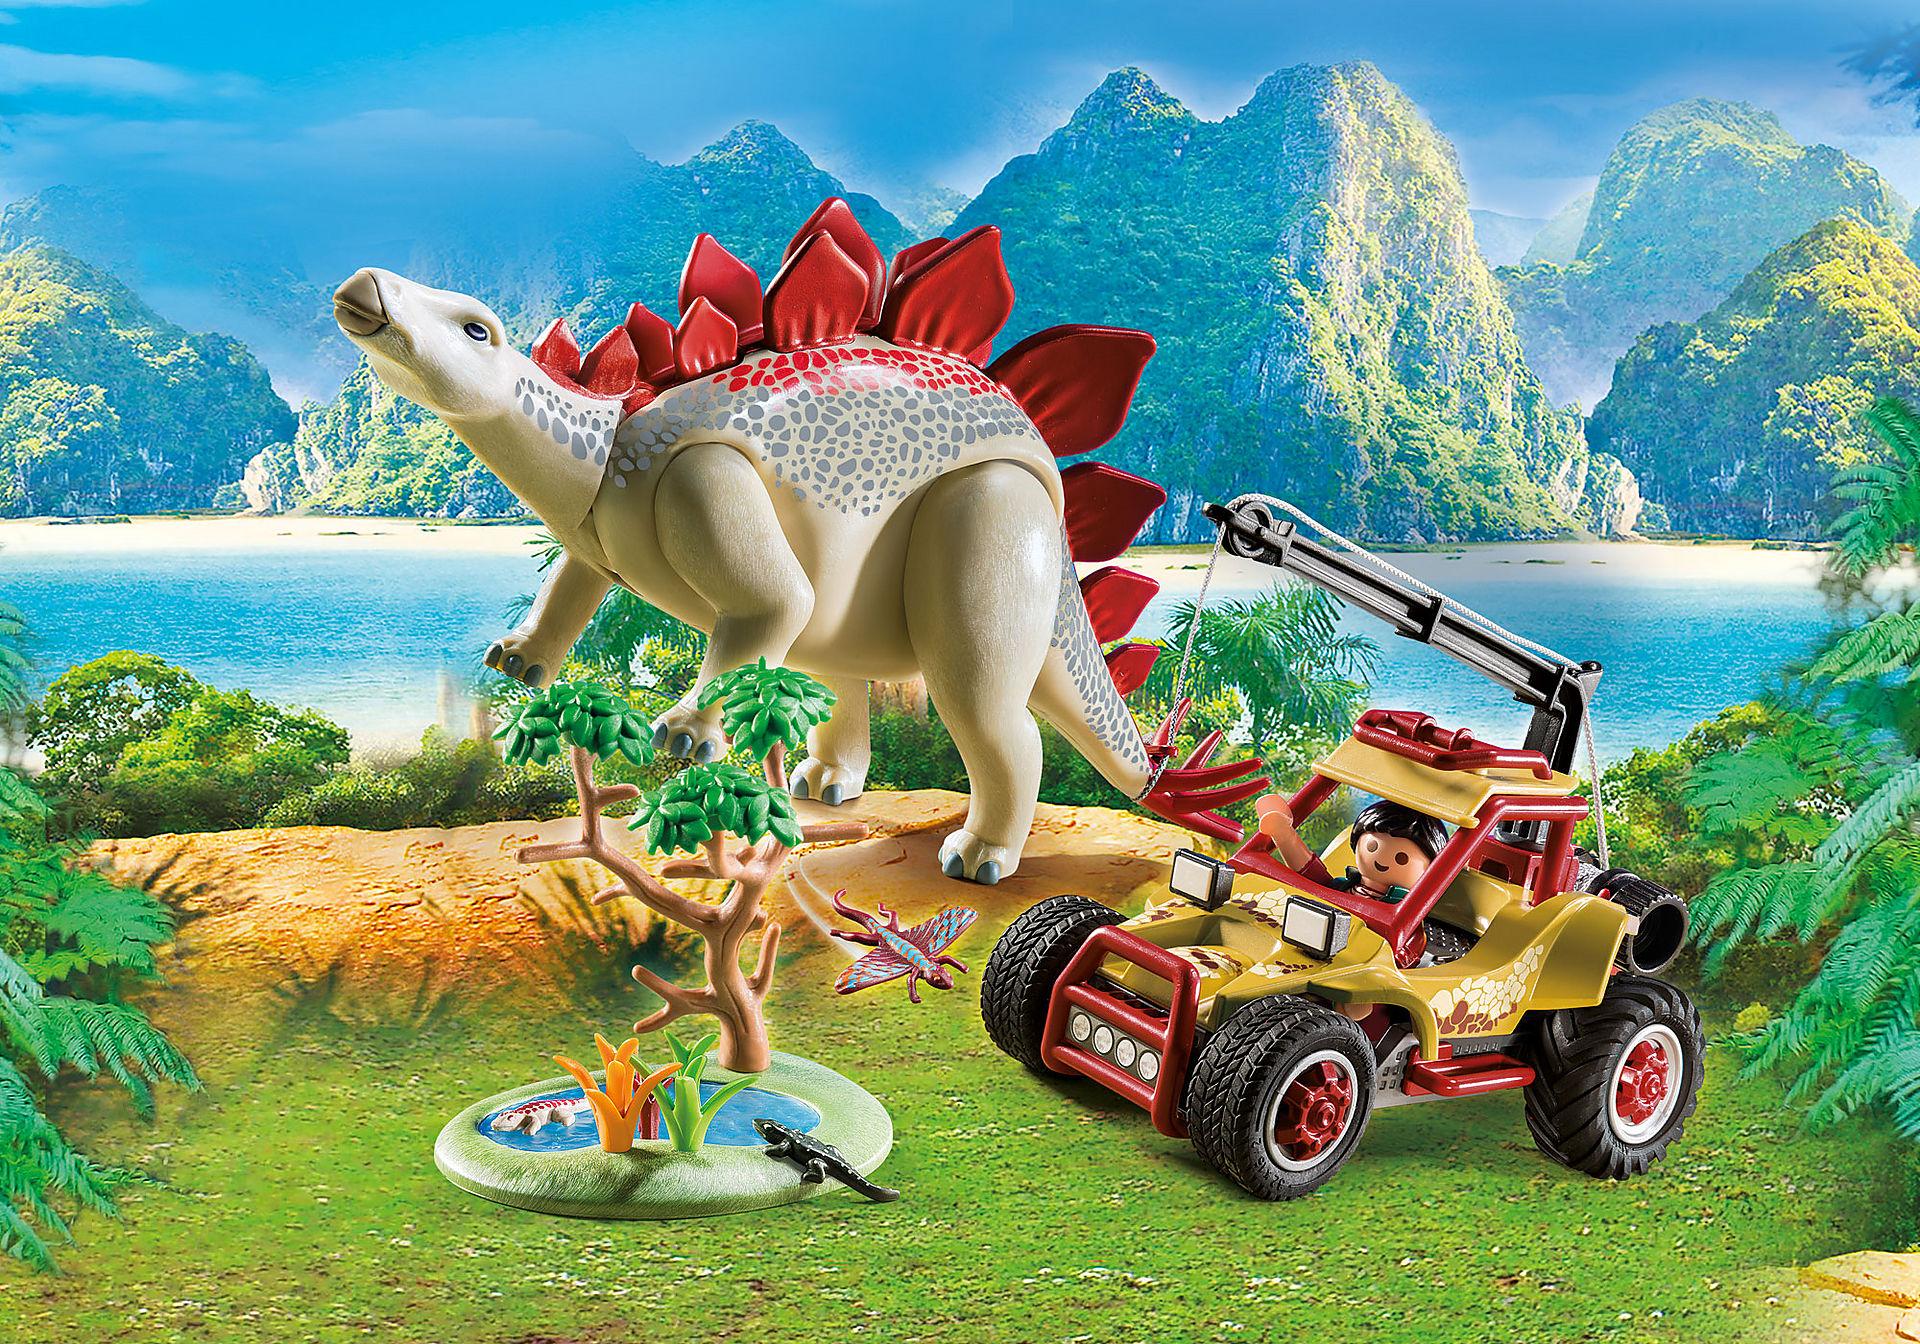 9432 Vehículo Explorador con Estegosaurio zoom image1